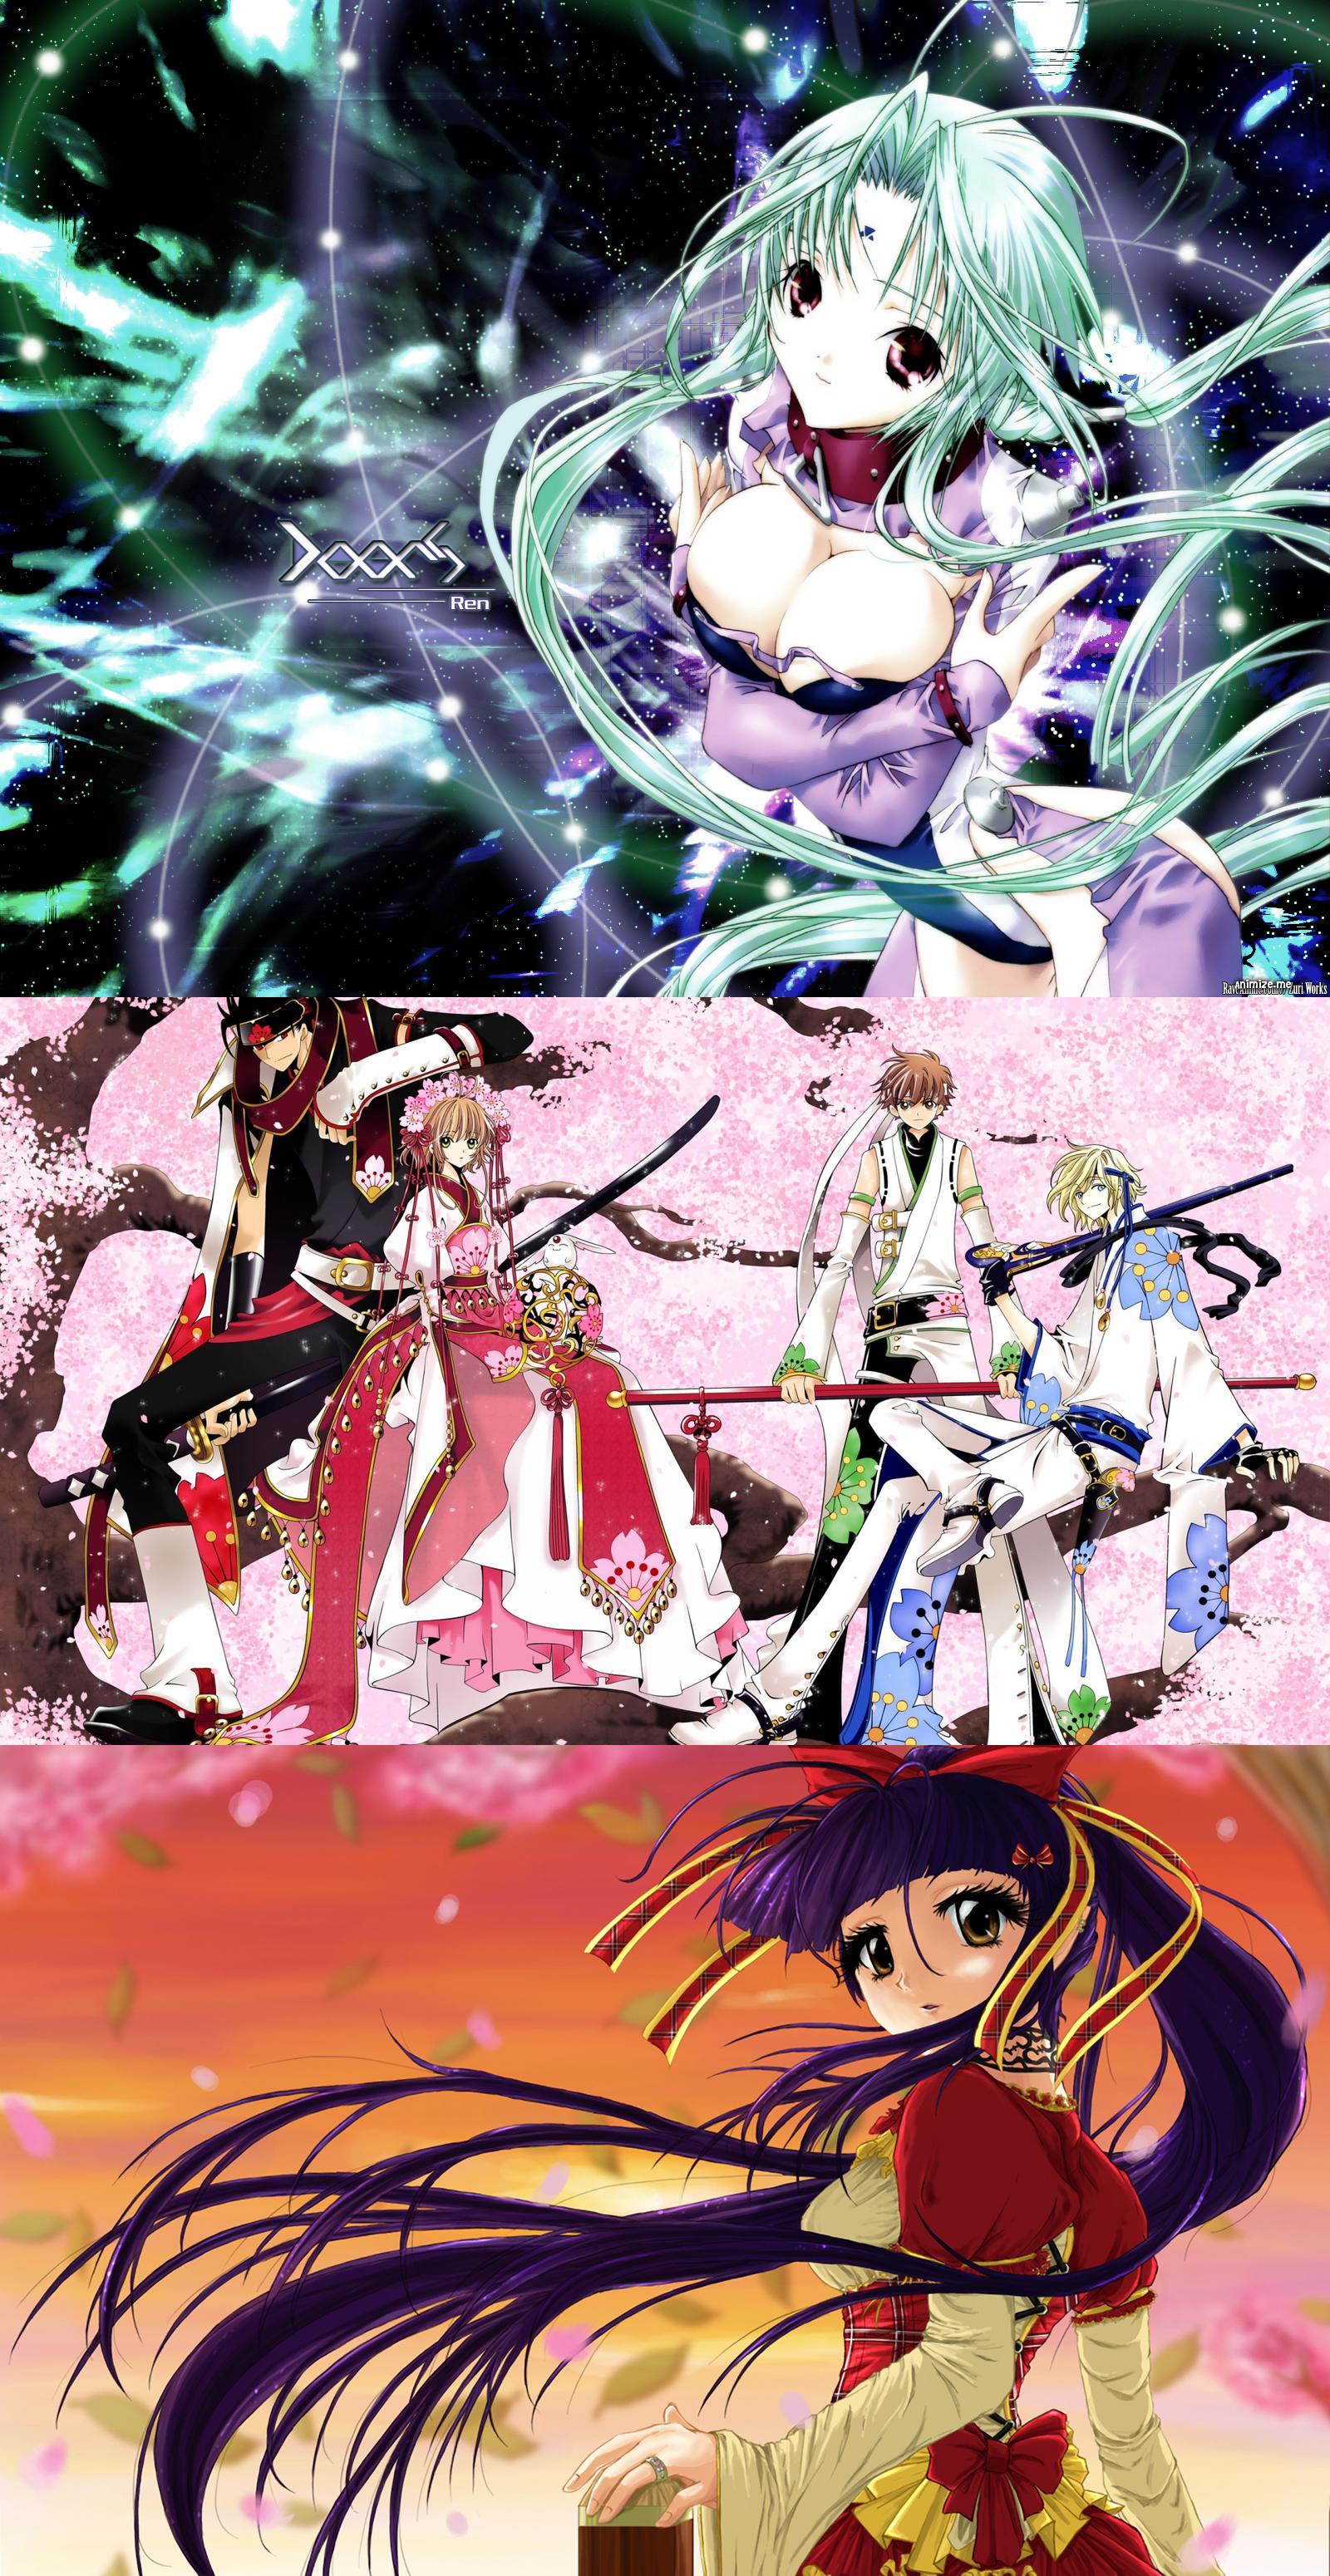 anime-desktop-wallpaper-wp5403284